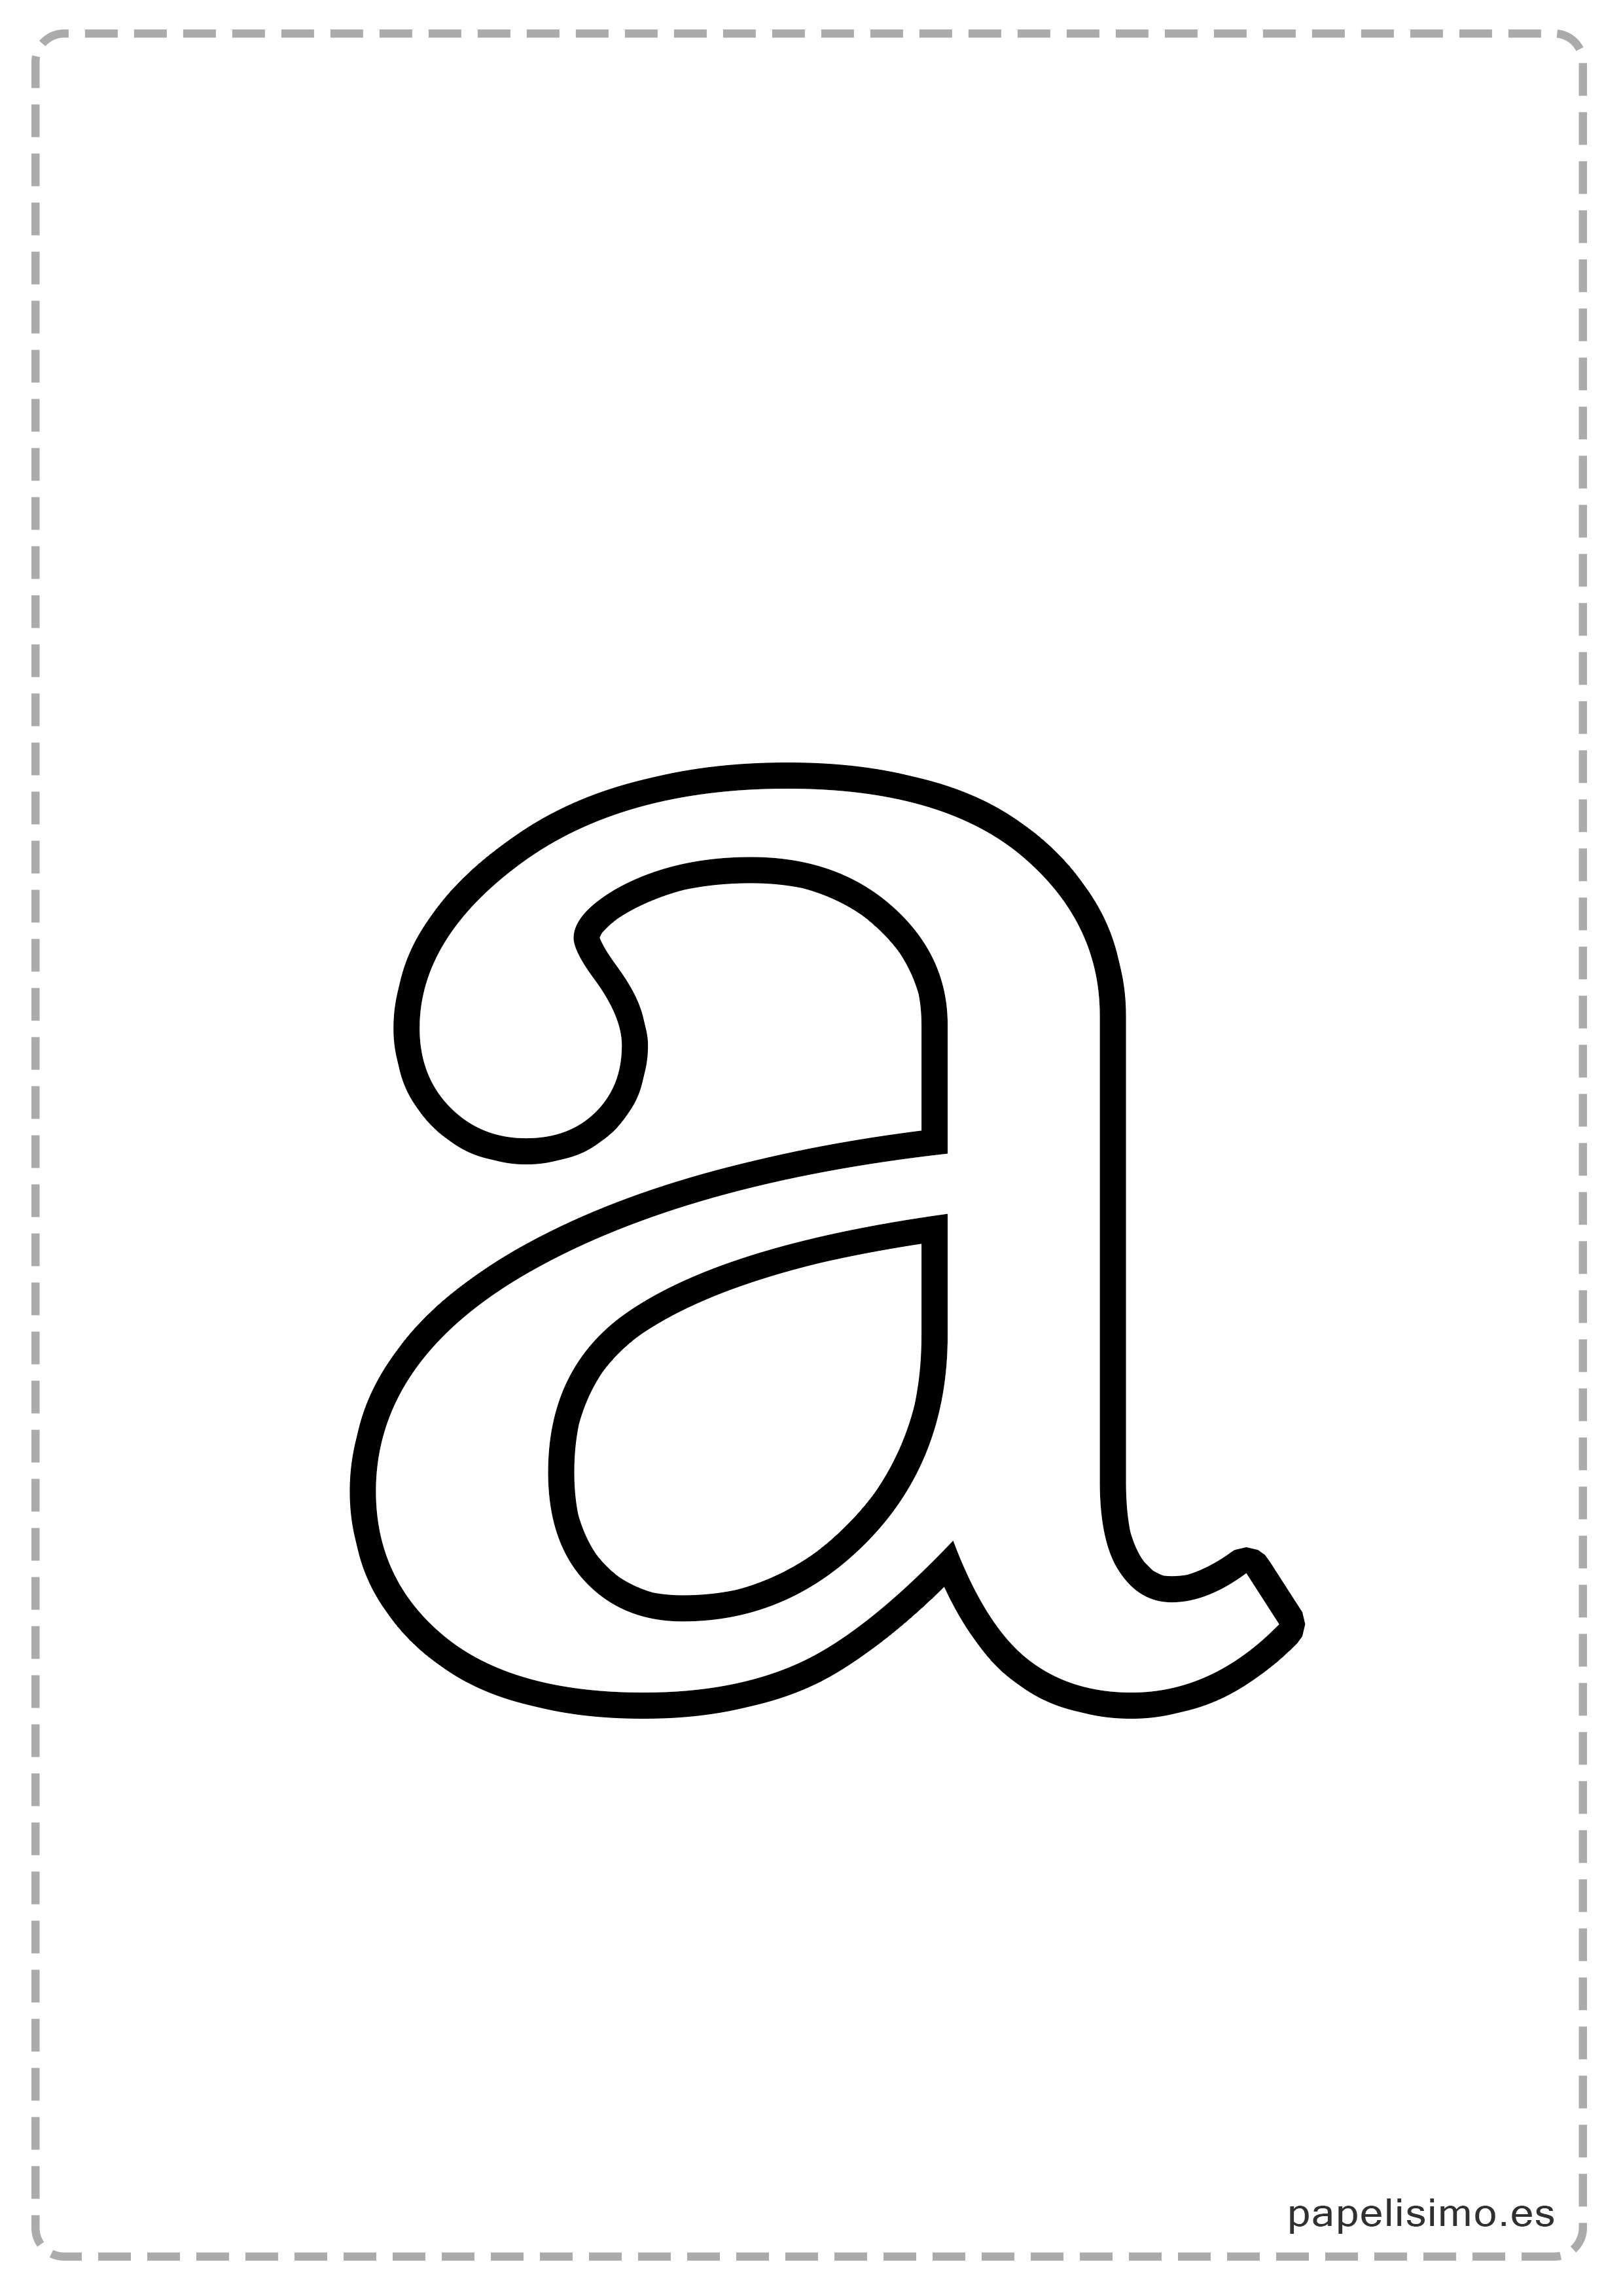 de letras del abecedario grandes letras grandes para